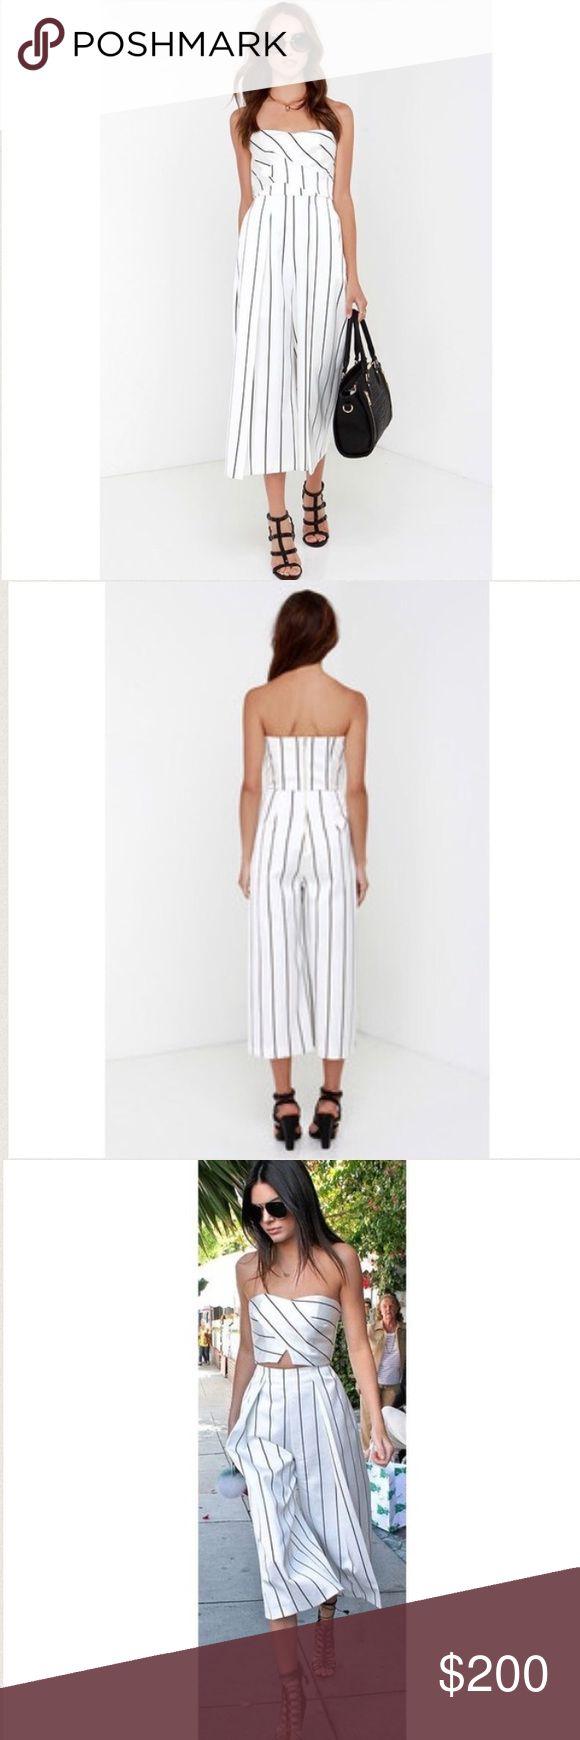 Keepsake True Awakening Striped Jumpsuit size XS New Keepsake True Awakening Black and White Striped Jumpsuit size XS. Similar to the one kendall jenner is wearing in the last picture Zara Other